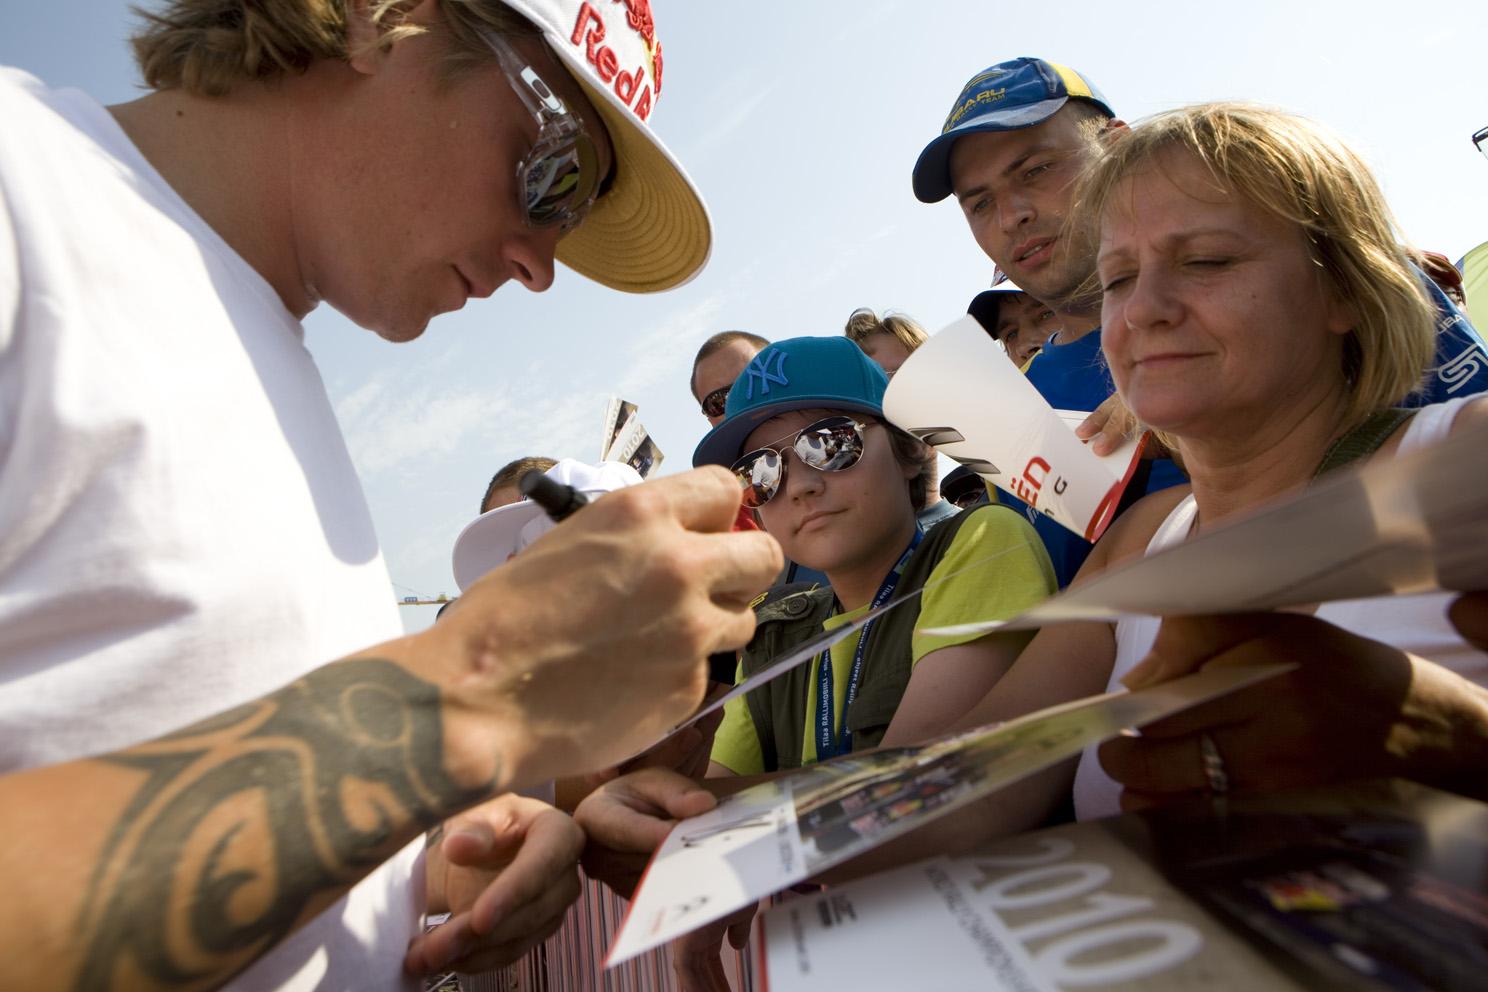 Kimi Raikkonen signs autographs